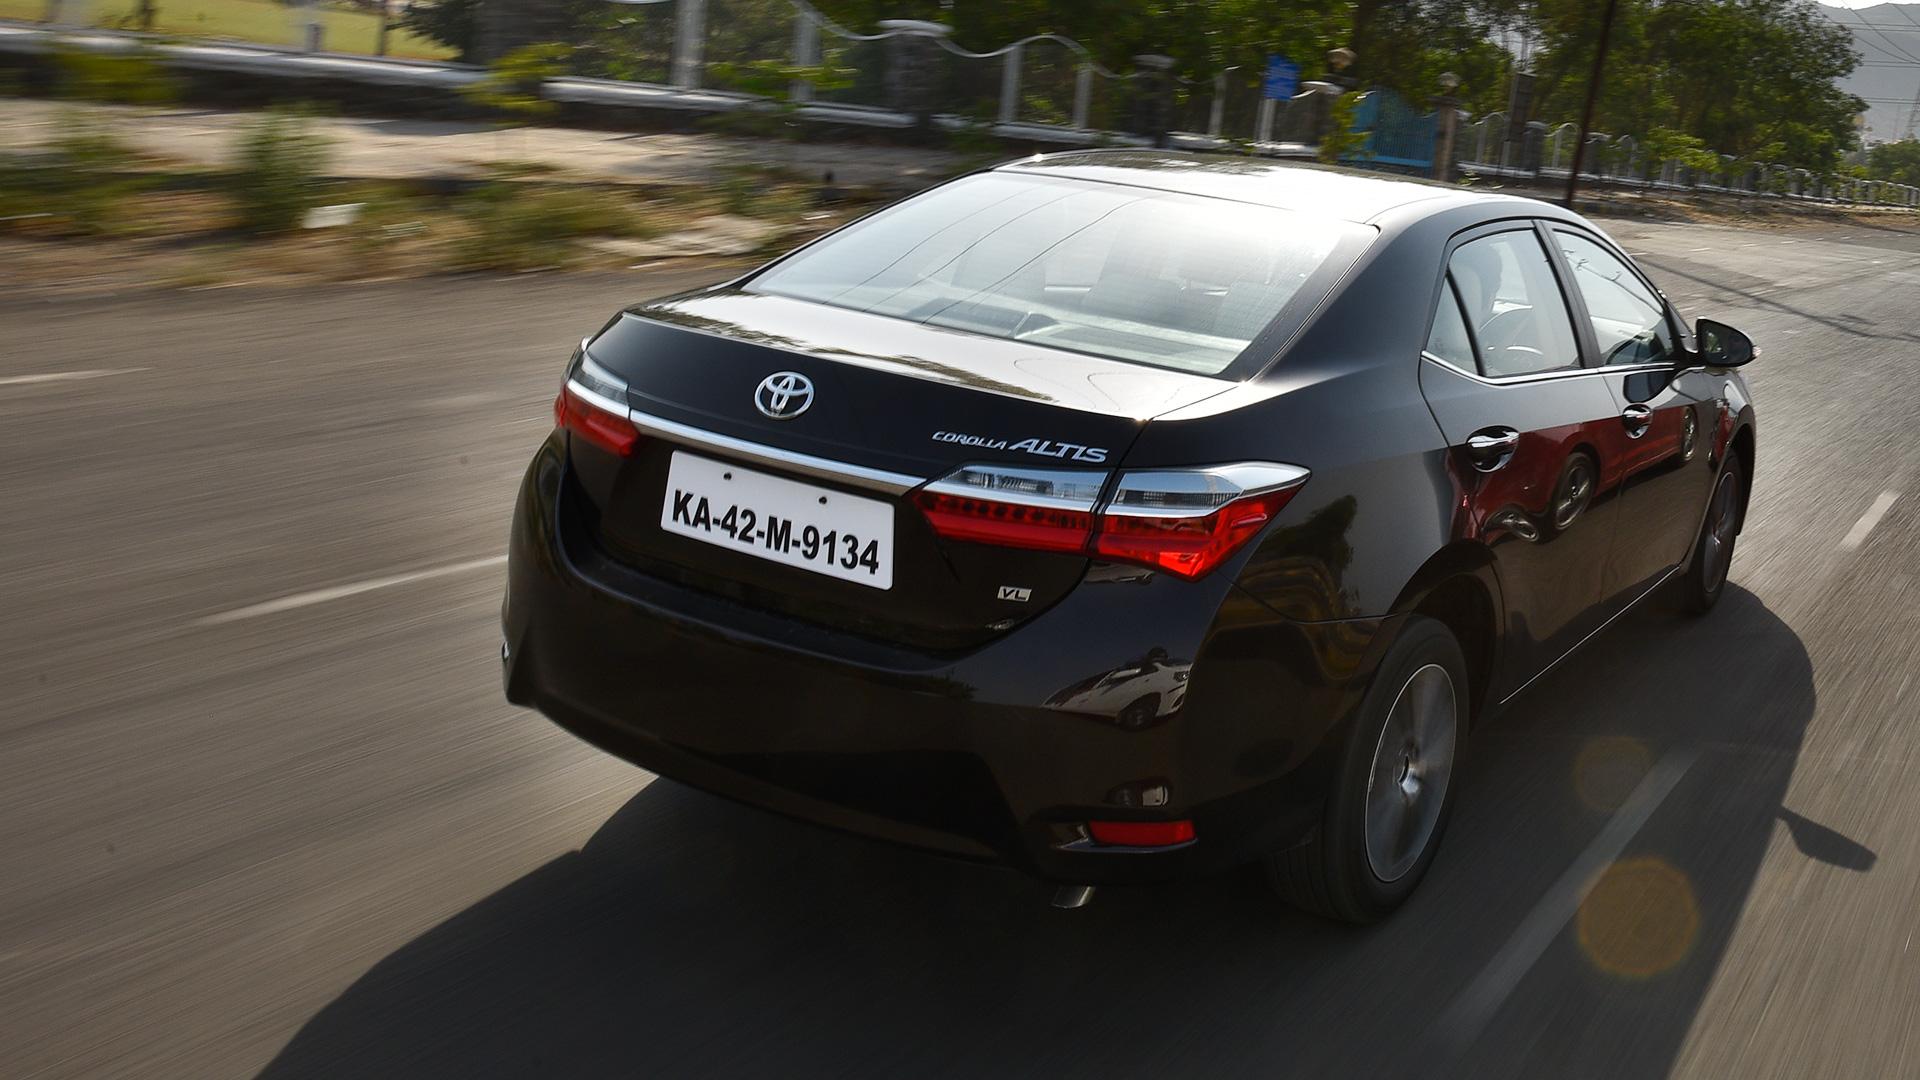 Toyota Corolla Altis 2017 - Price, Mileage, Reviews ...